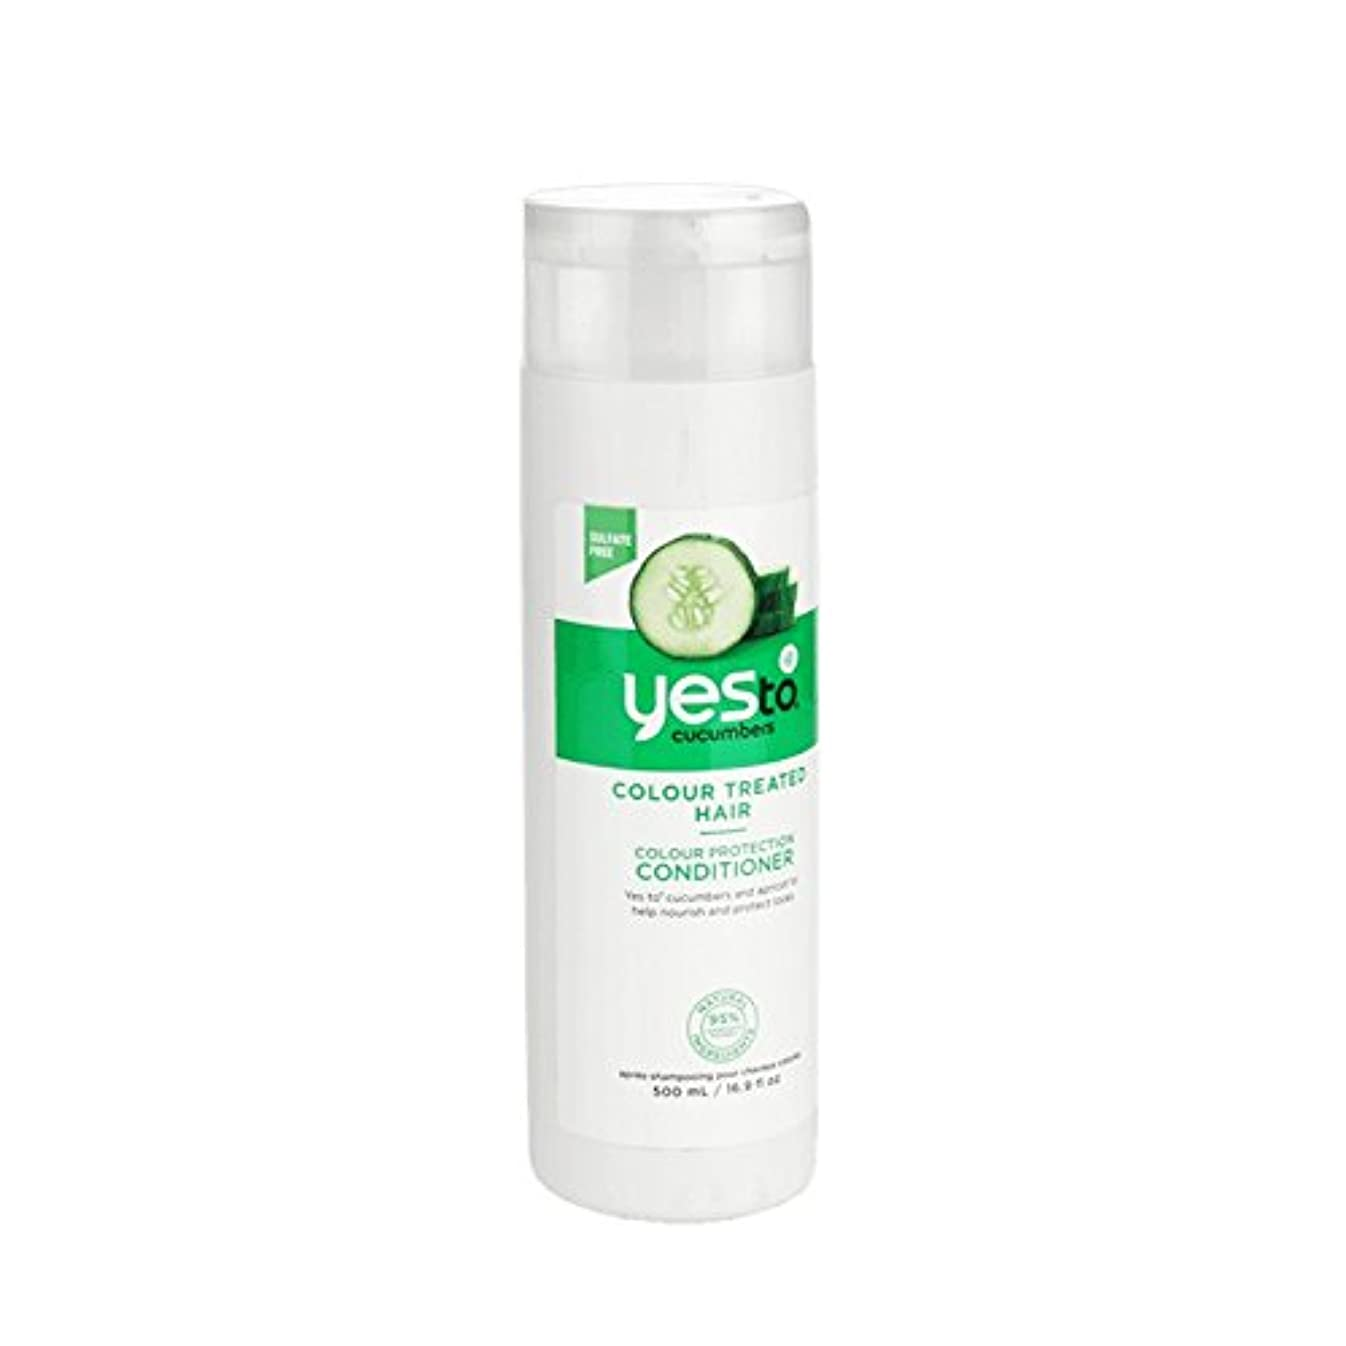 であるネブ通信網はいキュウリの色の保護コンディショナー500ミリリットルへ - Yes To Cucumbers Colour Protection Conditioner 500ml (Yes To) [並行輸入品]